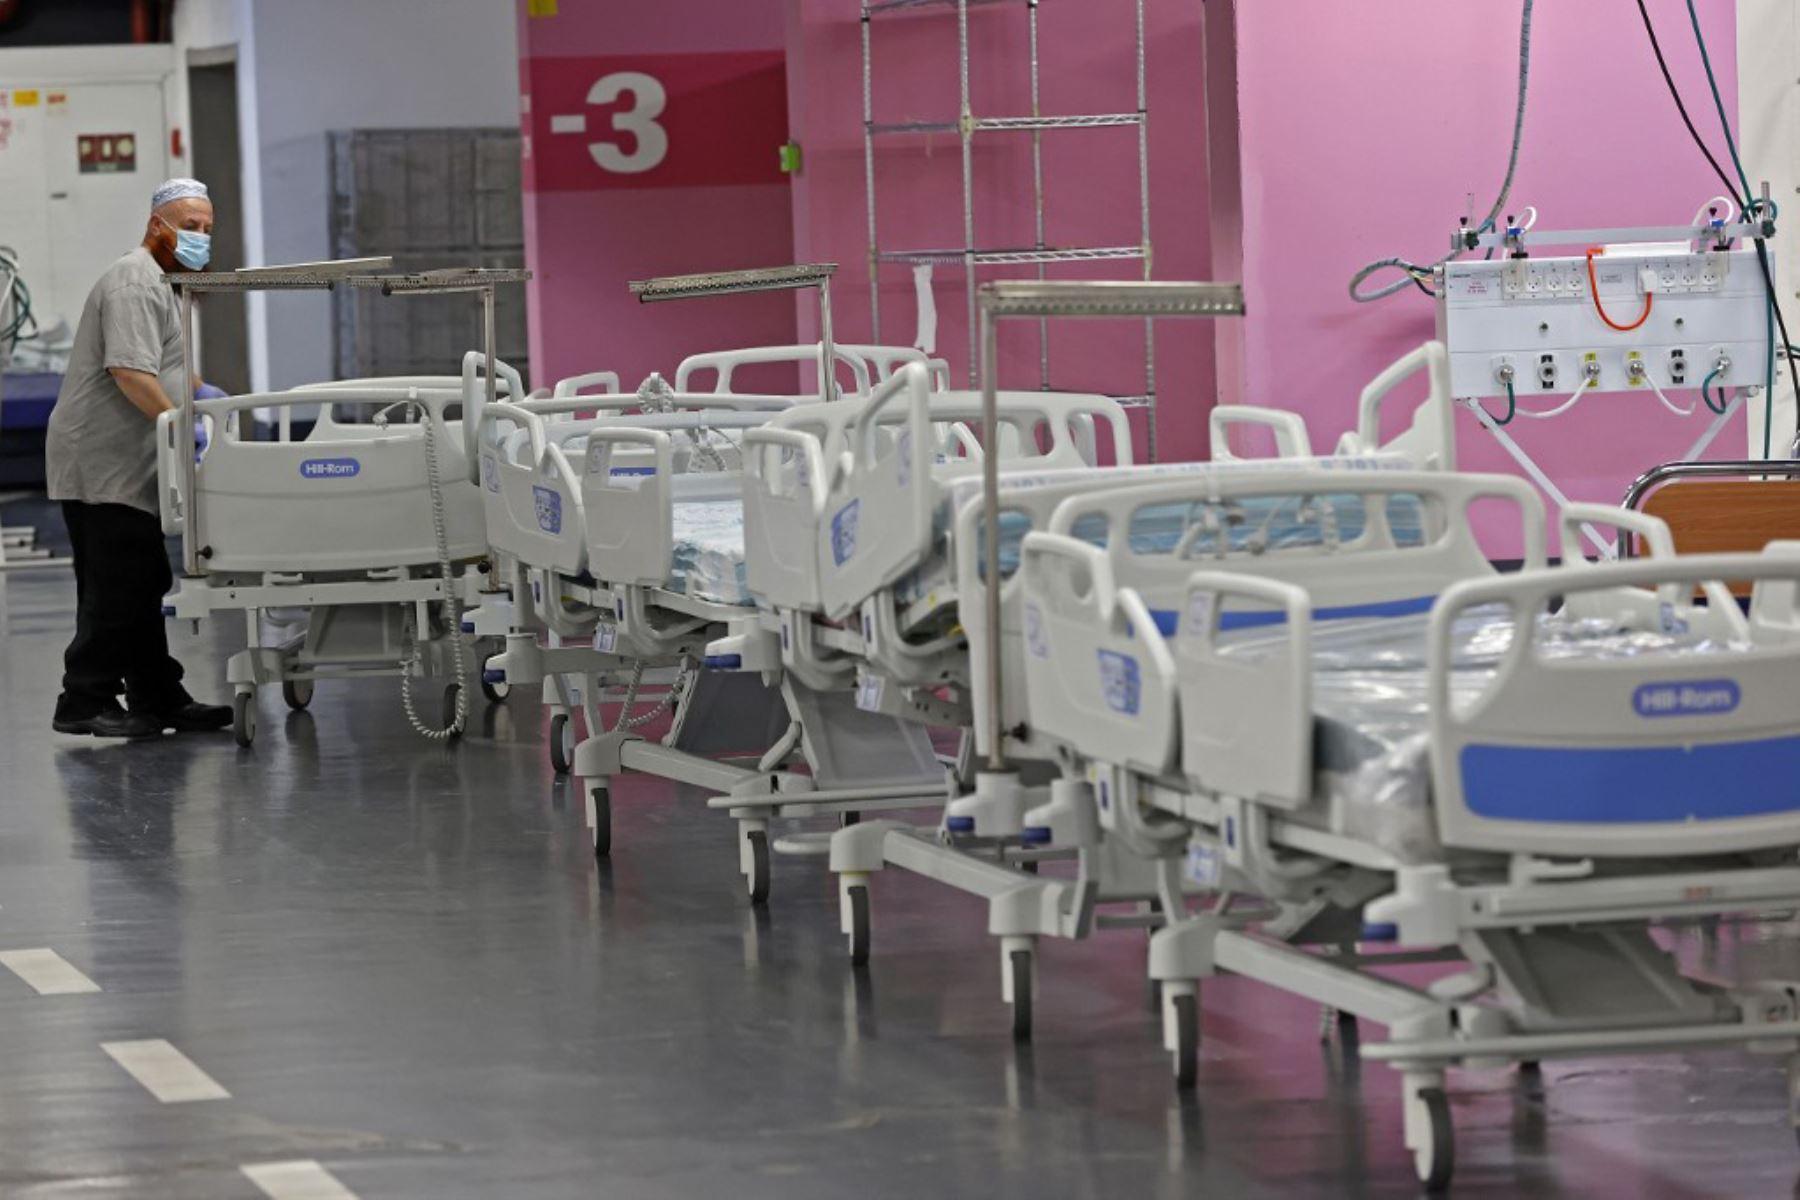 Un técnico prepara camas en el estacionamiento subterráneo del Rambam Health Care Campus, que se transformó en una instalación de cuidados intensivos para pacientes con coronavirus, en la ciudad de Haifa, en el norte de Israel. Foto: AFP